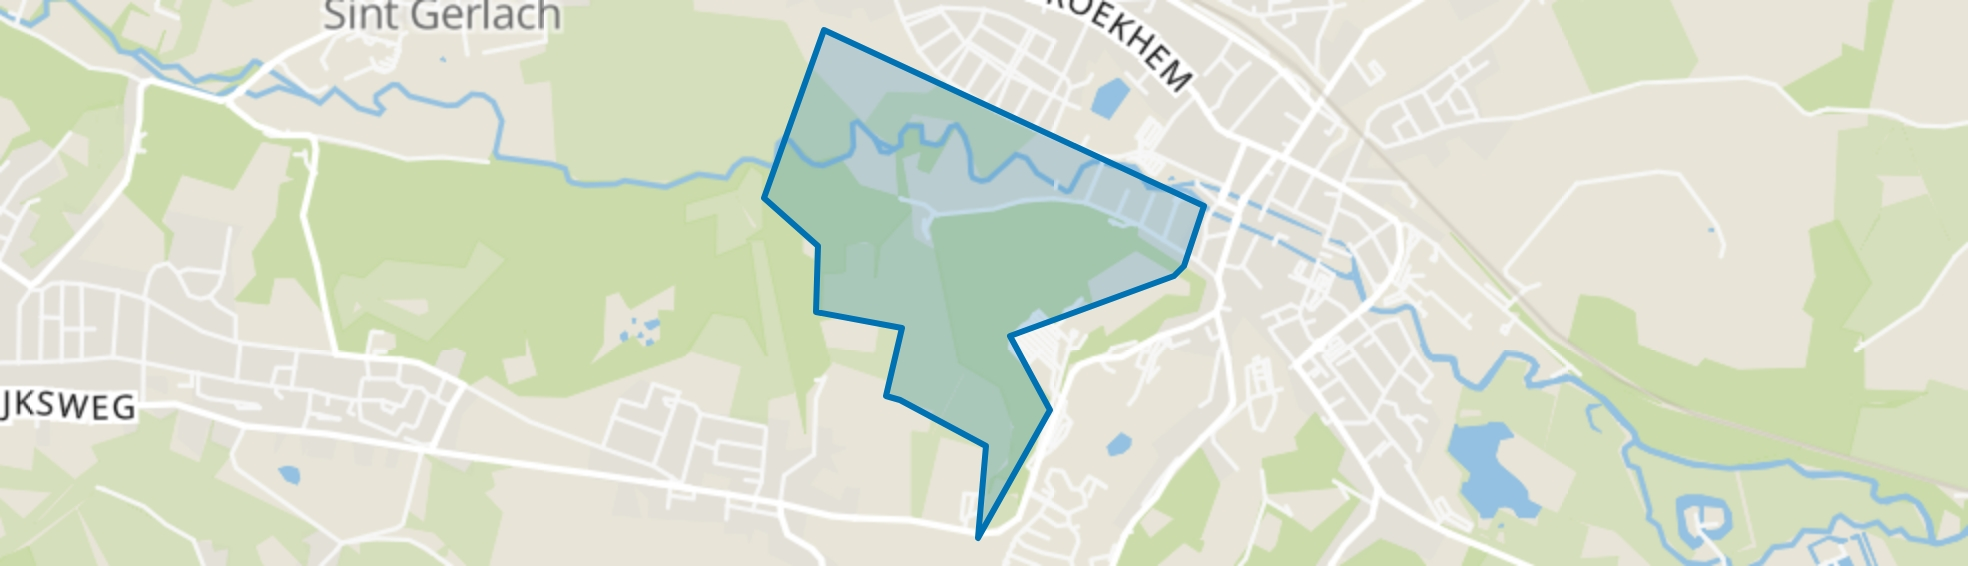 Plenkert, Valkenburg (LI) map